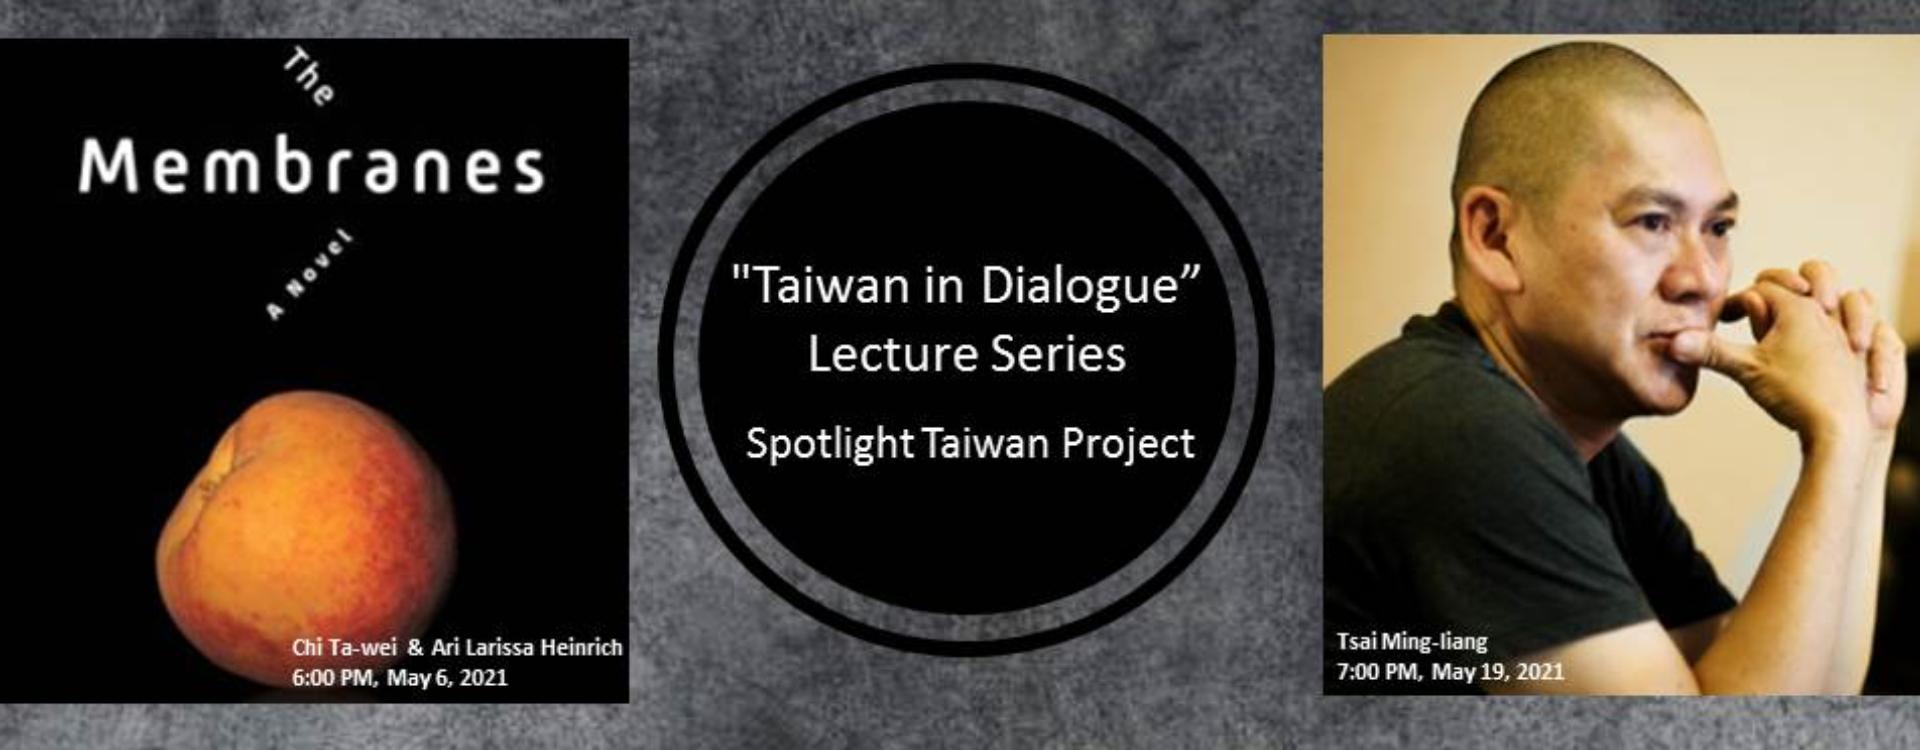 國際知名導演蔡明亮及台灣酷兒文學作家紀大偉 應邀出席美國加州大學洛杉磯分校「對話台灣」演講/對談系列「另開新視窗」